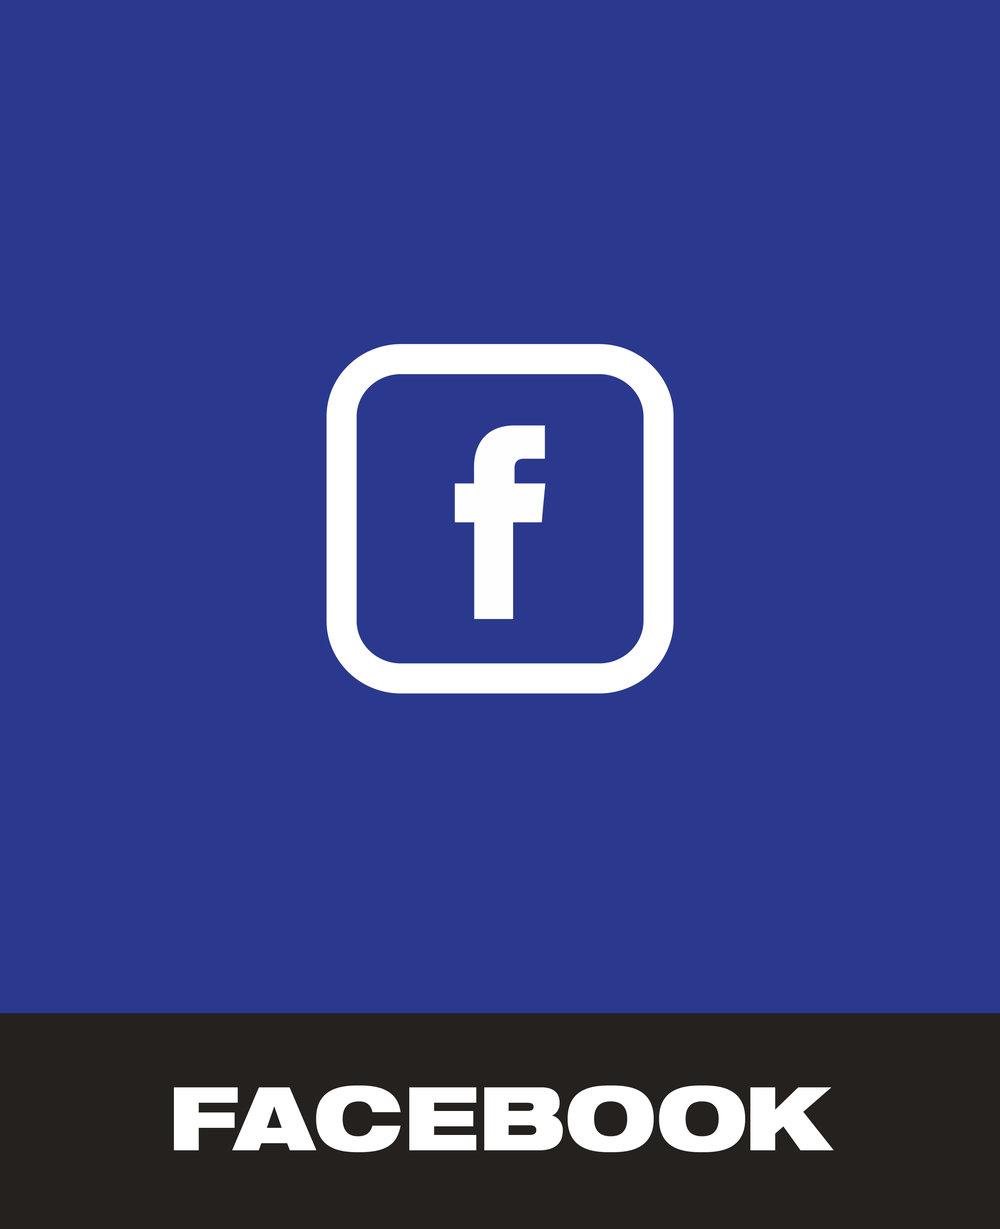 SOCIALS-01.jpg